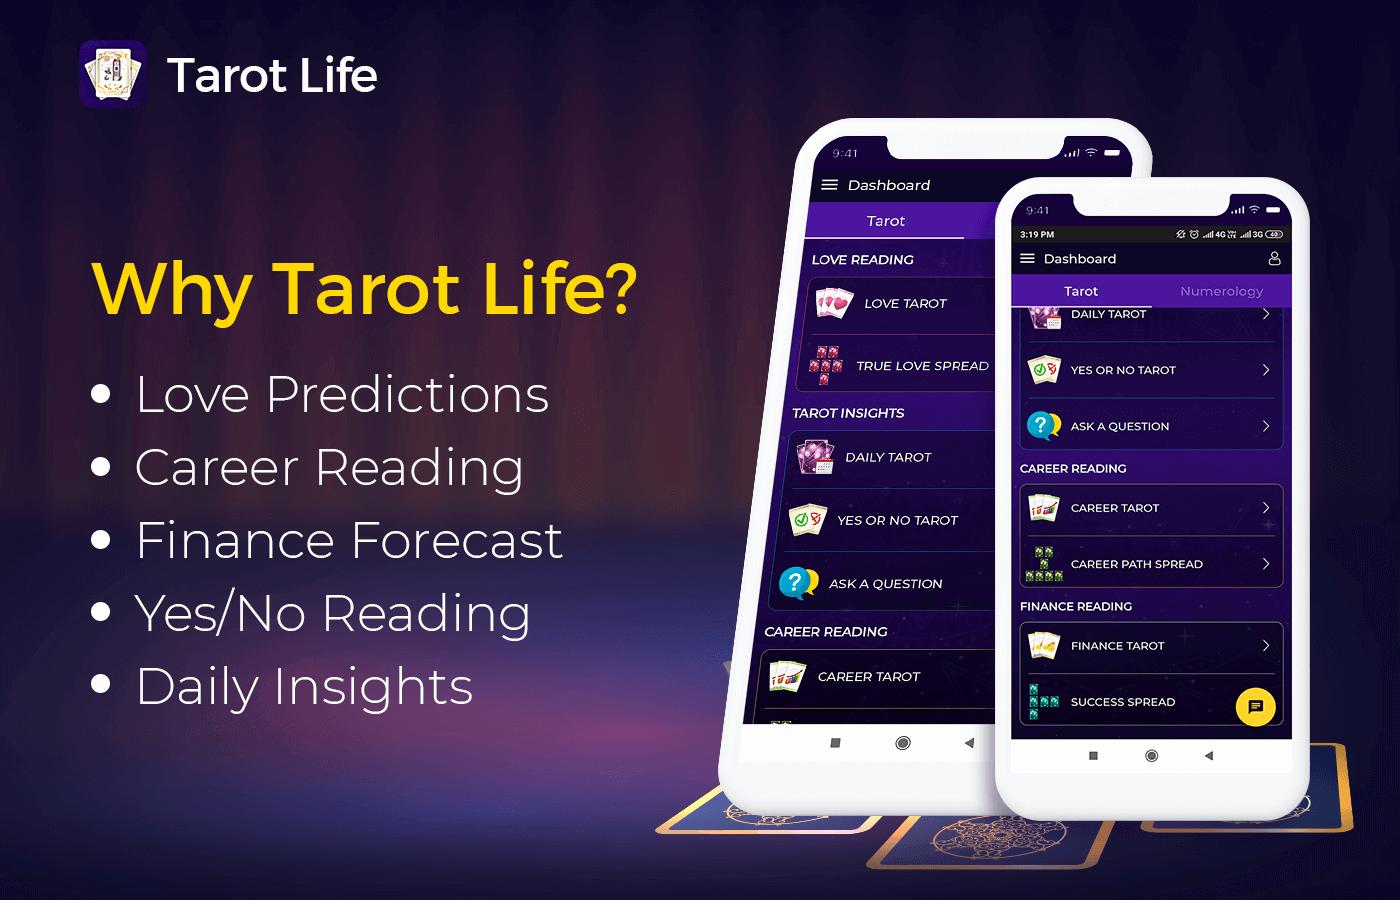 Tarot Life - Features